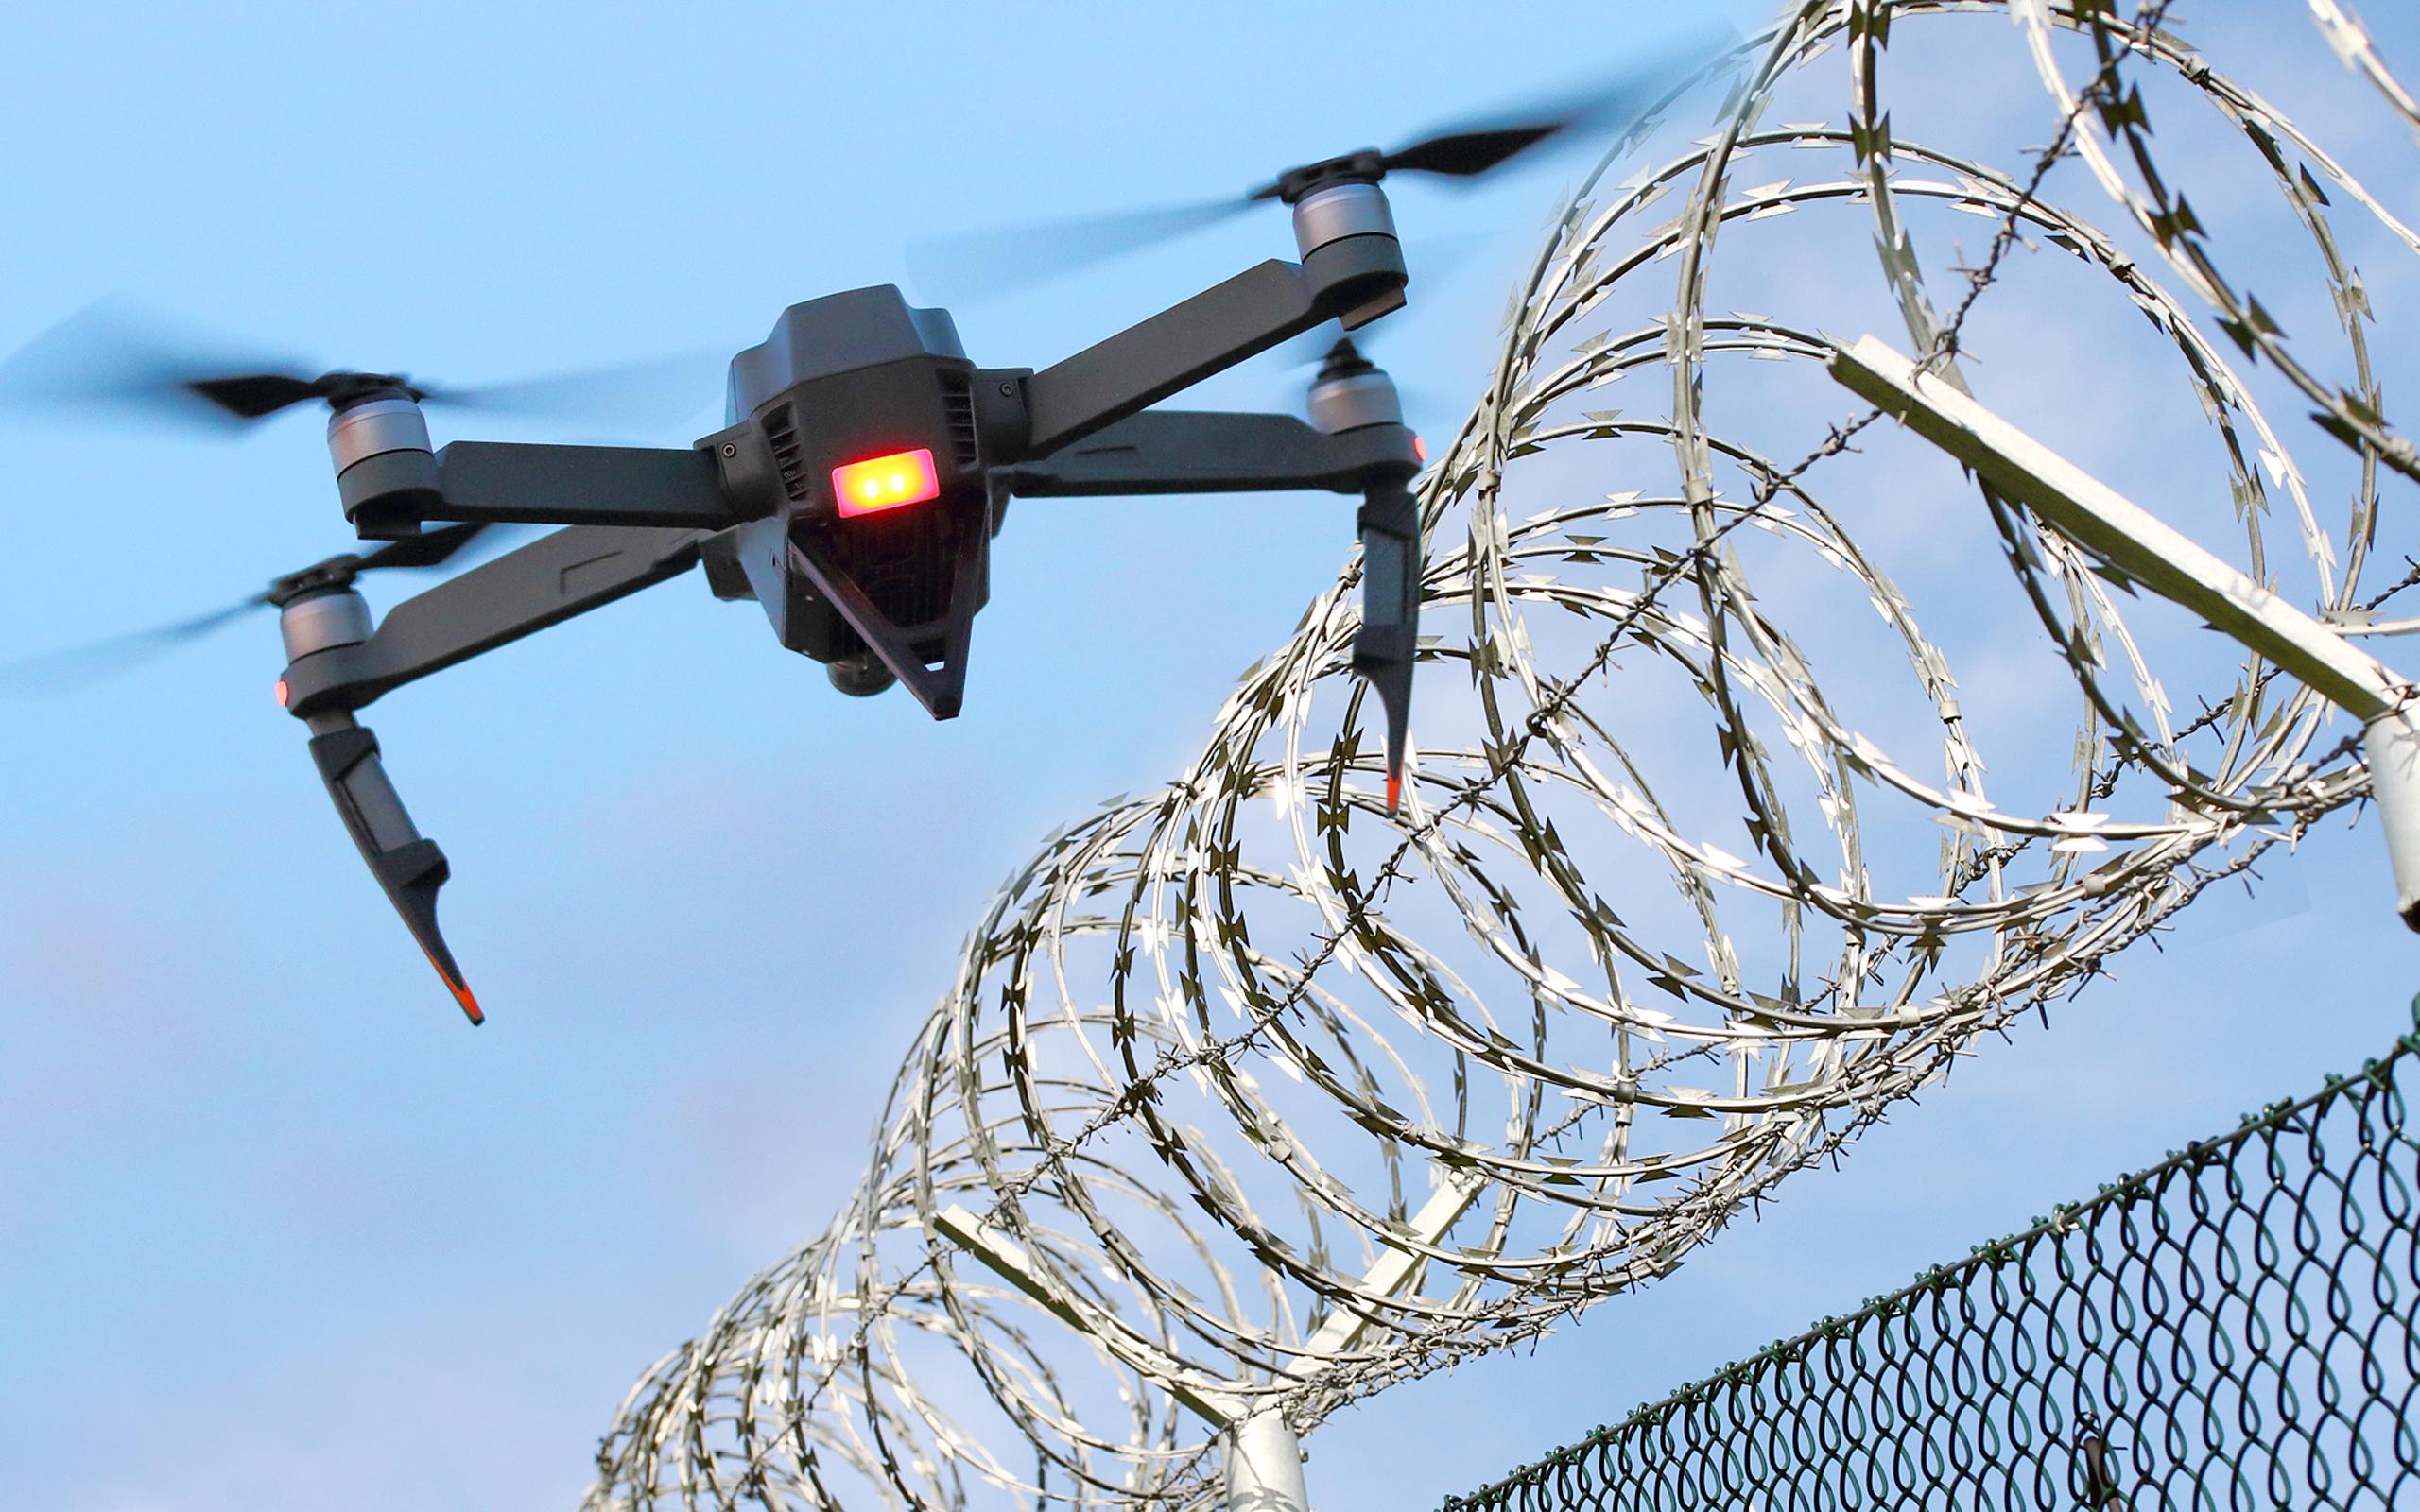 最新技術でドローンを破壊!相次ぐテロに対抗する「アンチドローン技術」に世界各国が食指